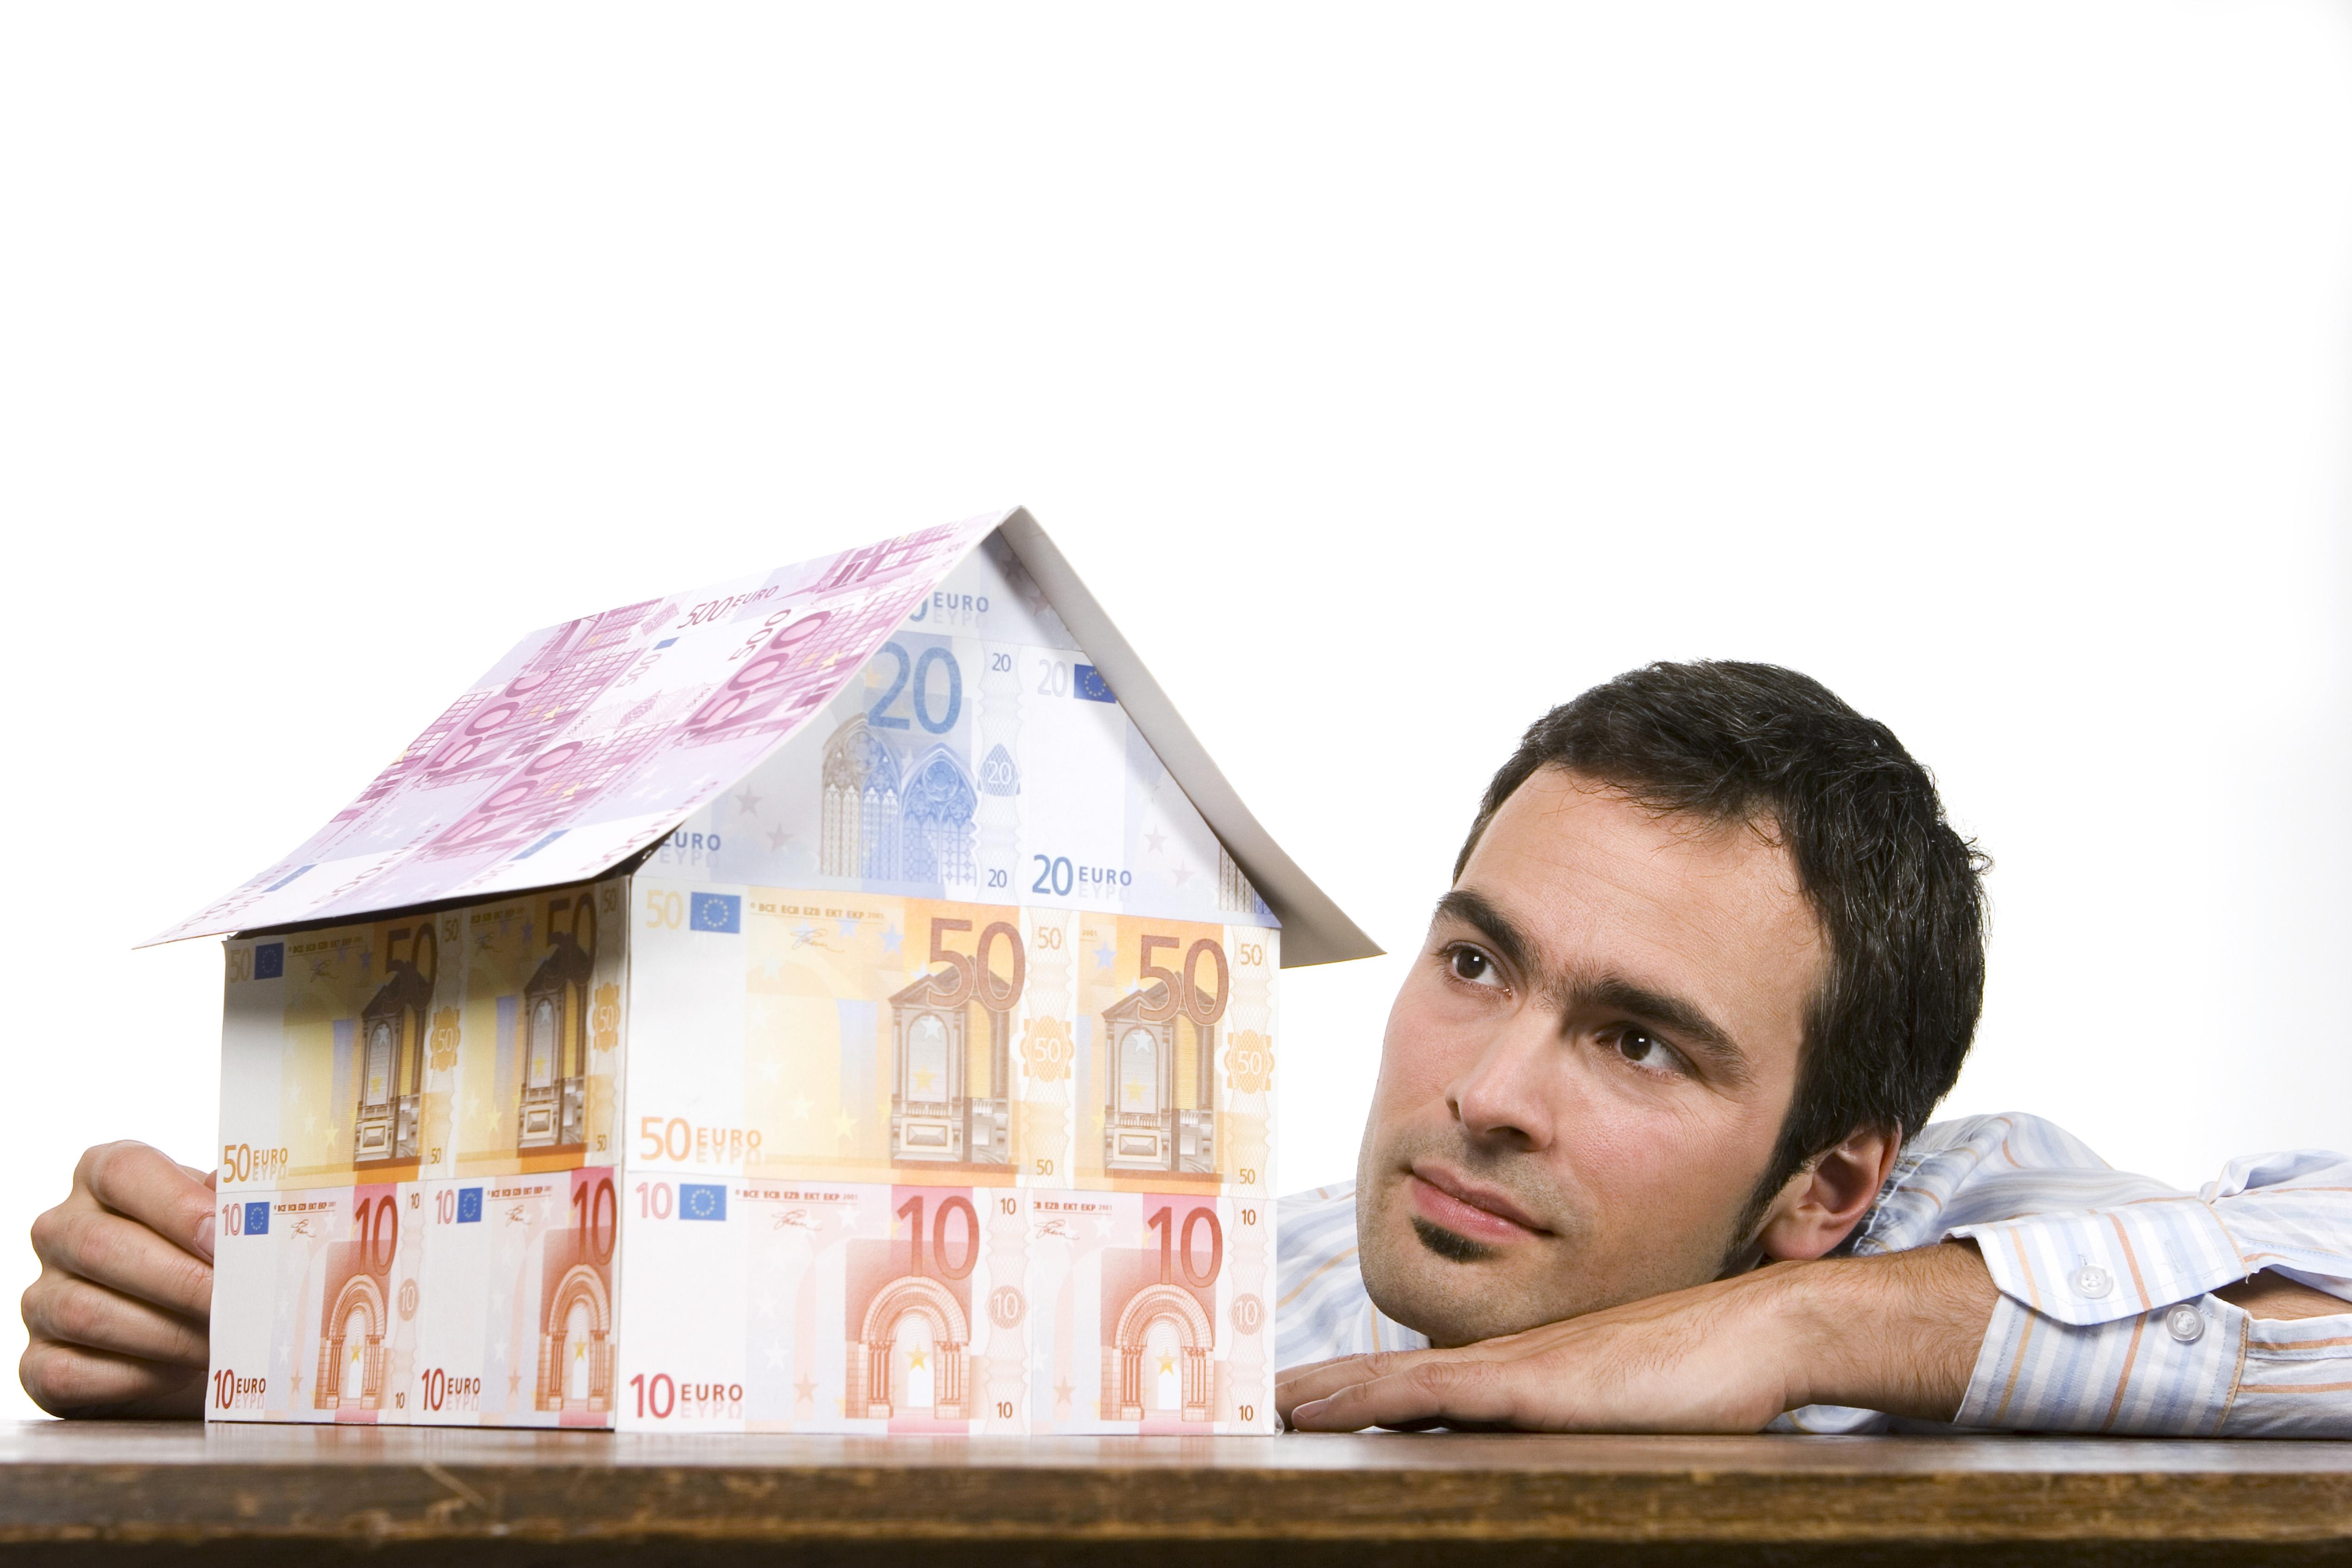 el derrumbe de la burbuja inmobiliaria ha costado 54.500 euros a cada familia española con casa en propiedad